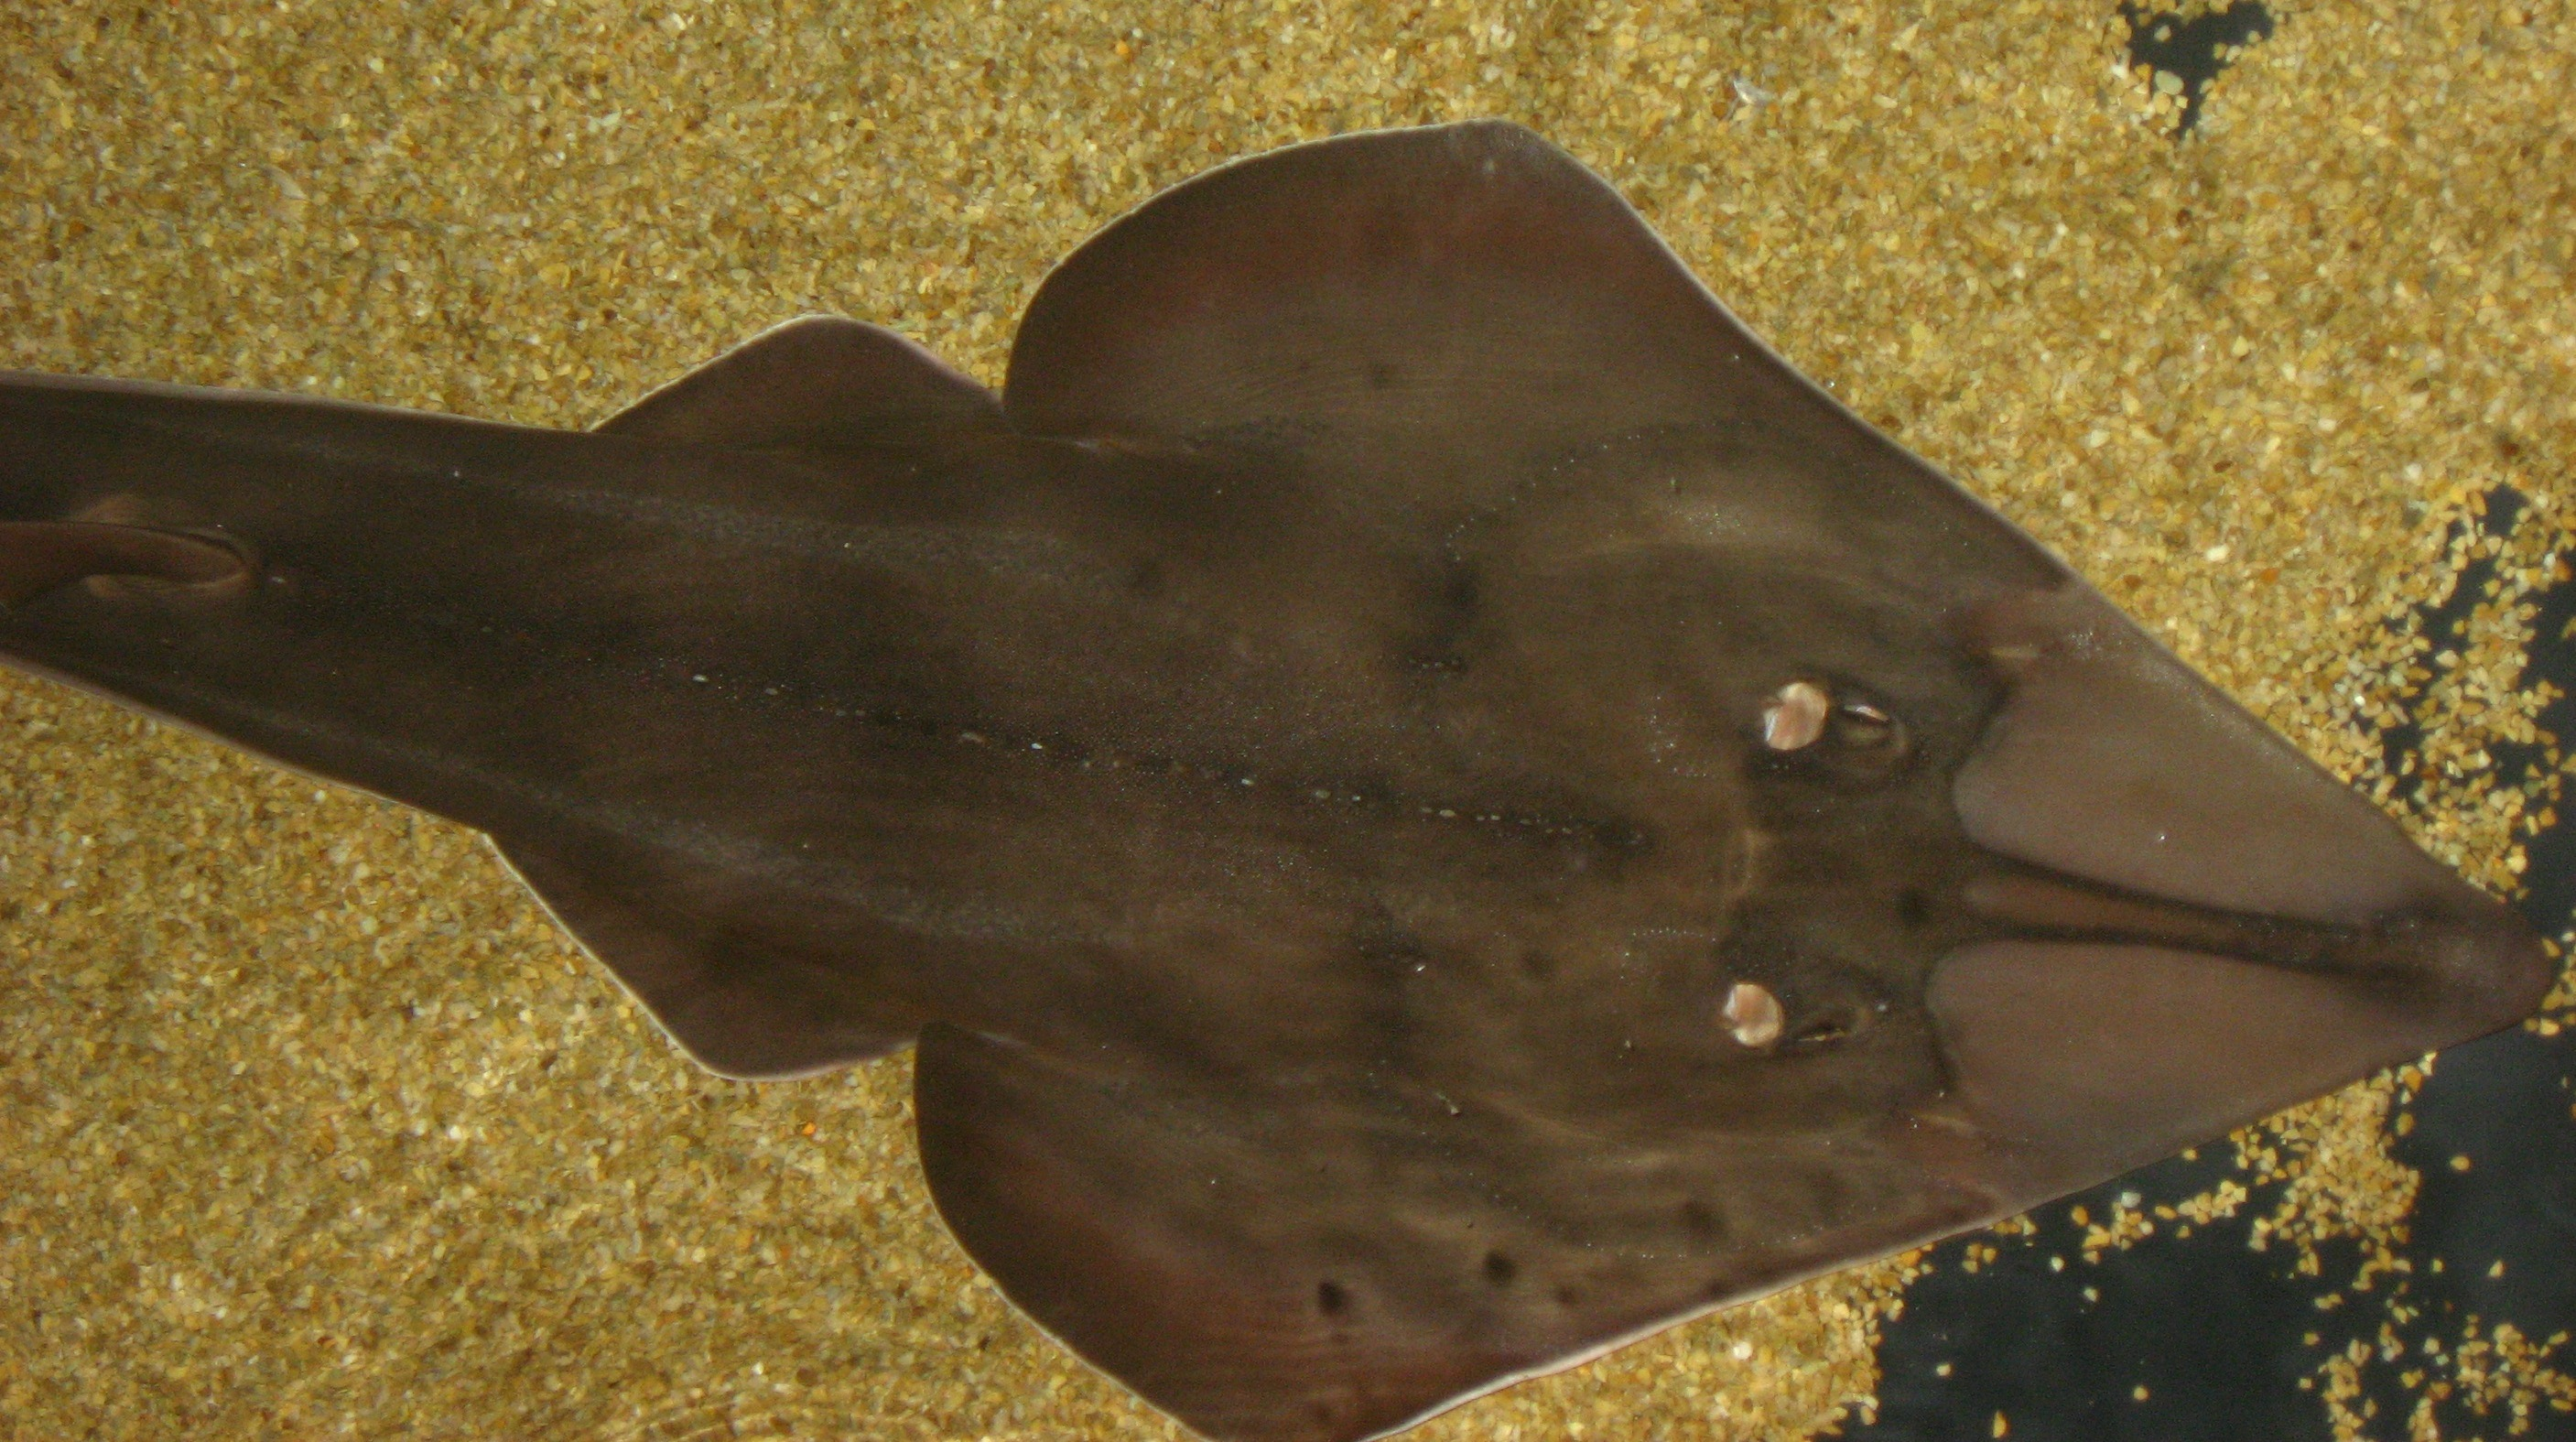 Image of Blackchin guitarfish